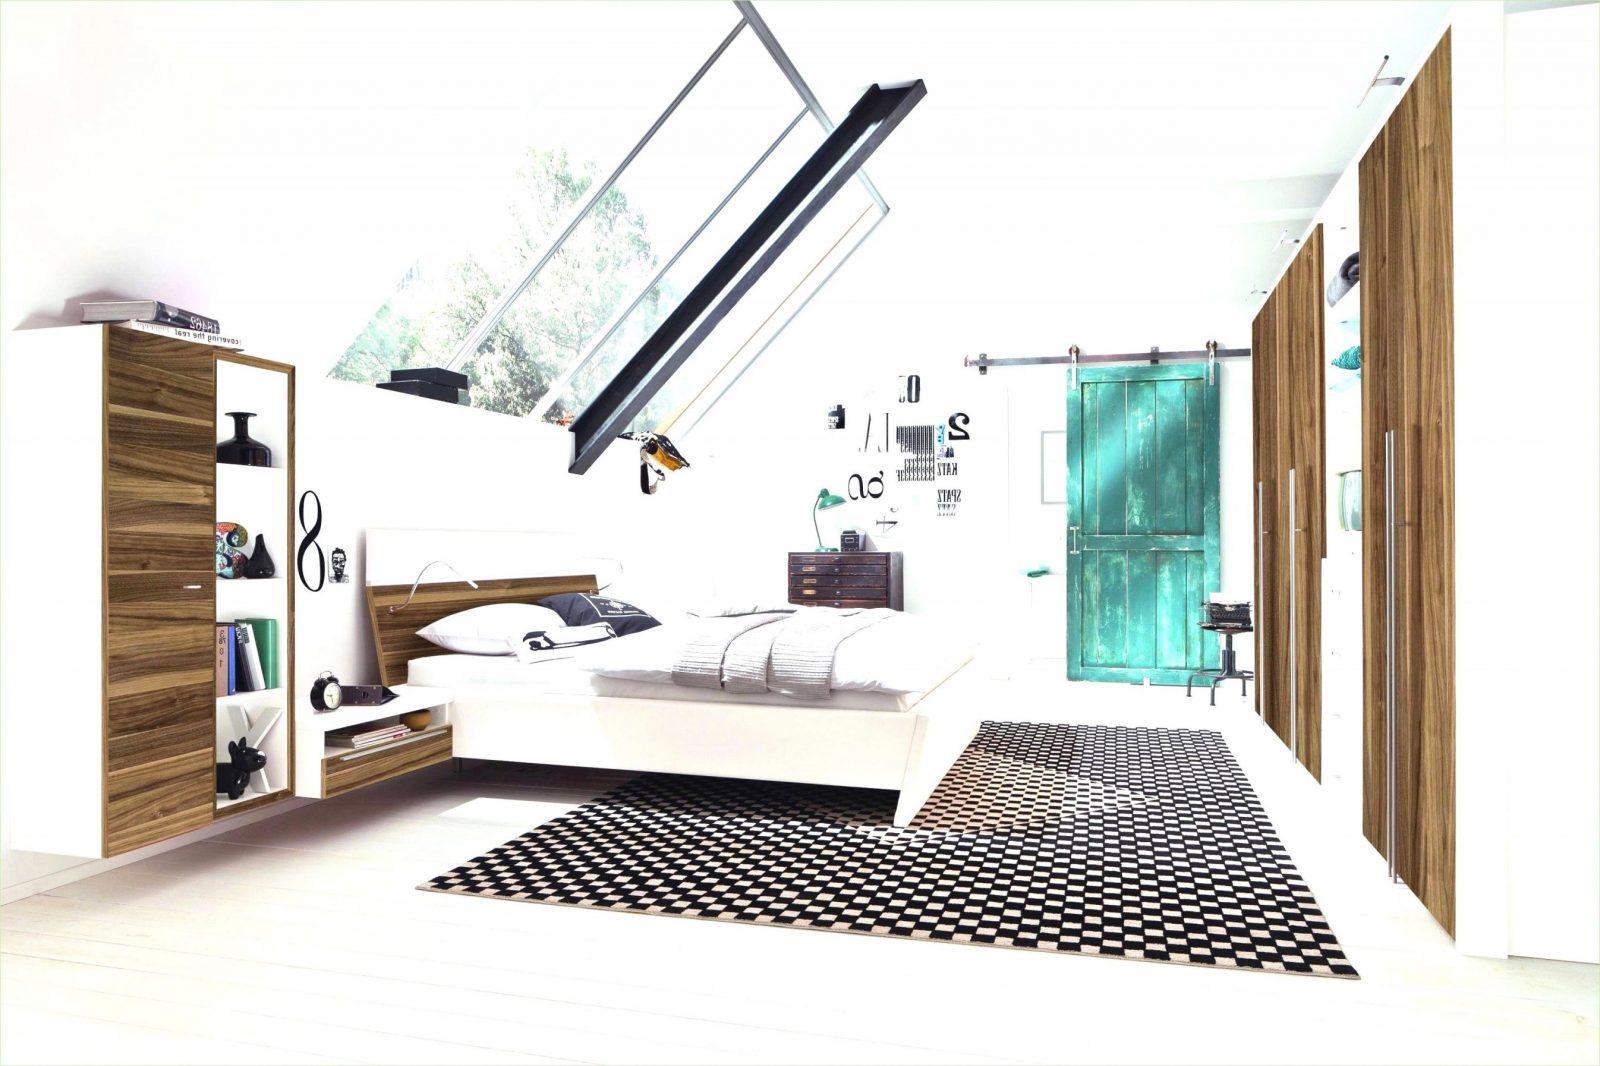 Dekoideen Wohnzimmer Selber Machen Genial Die Meisten Erstaunlich von Deko Für Wohnzimmer Selber Machen Photo